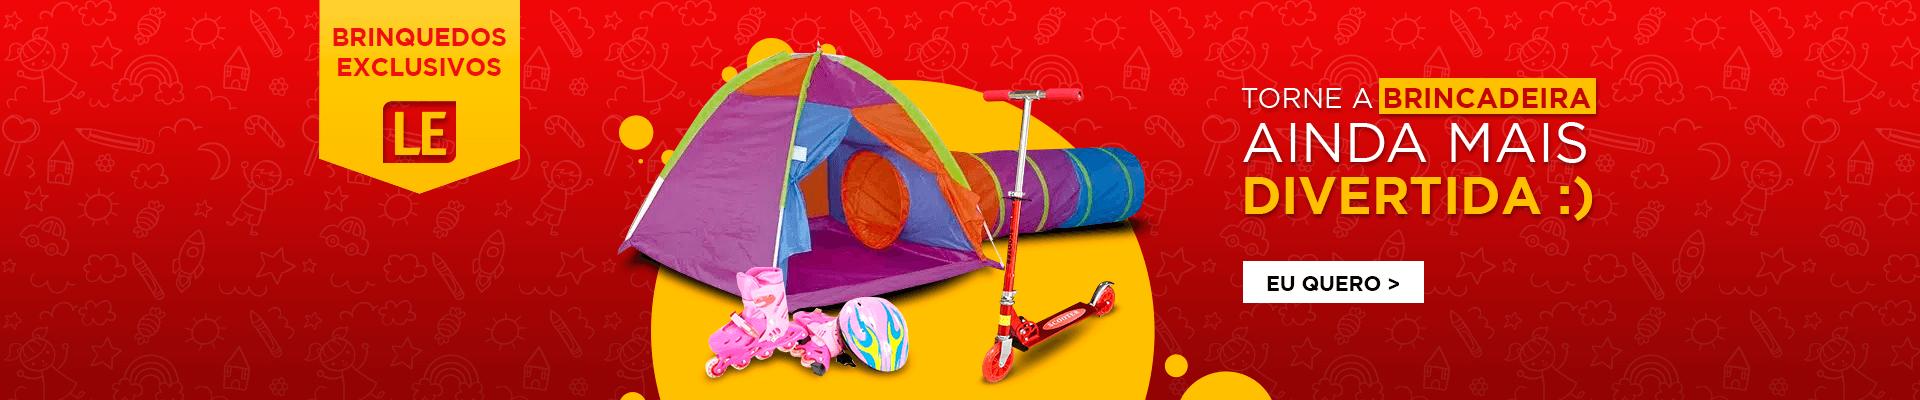 HeroD Brinquedos Exclusivos